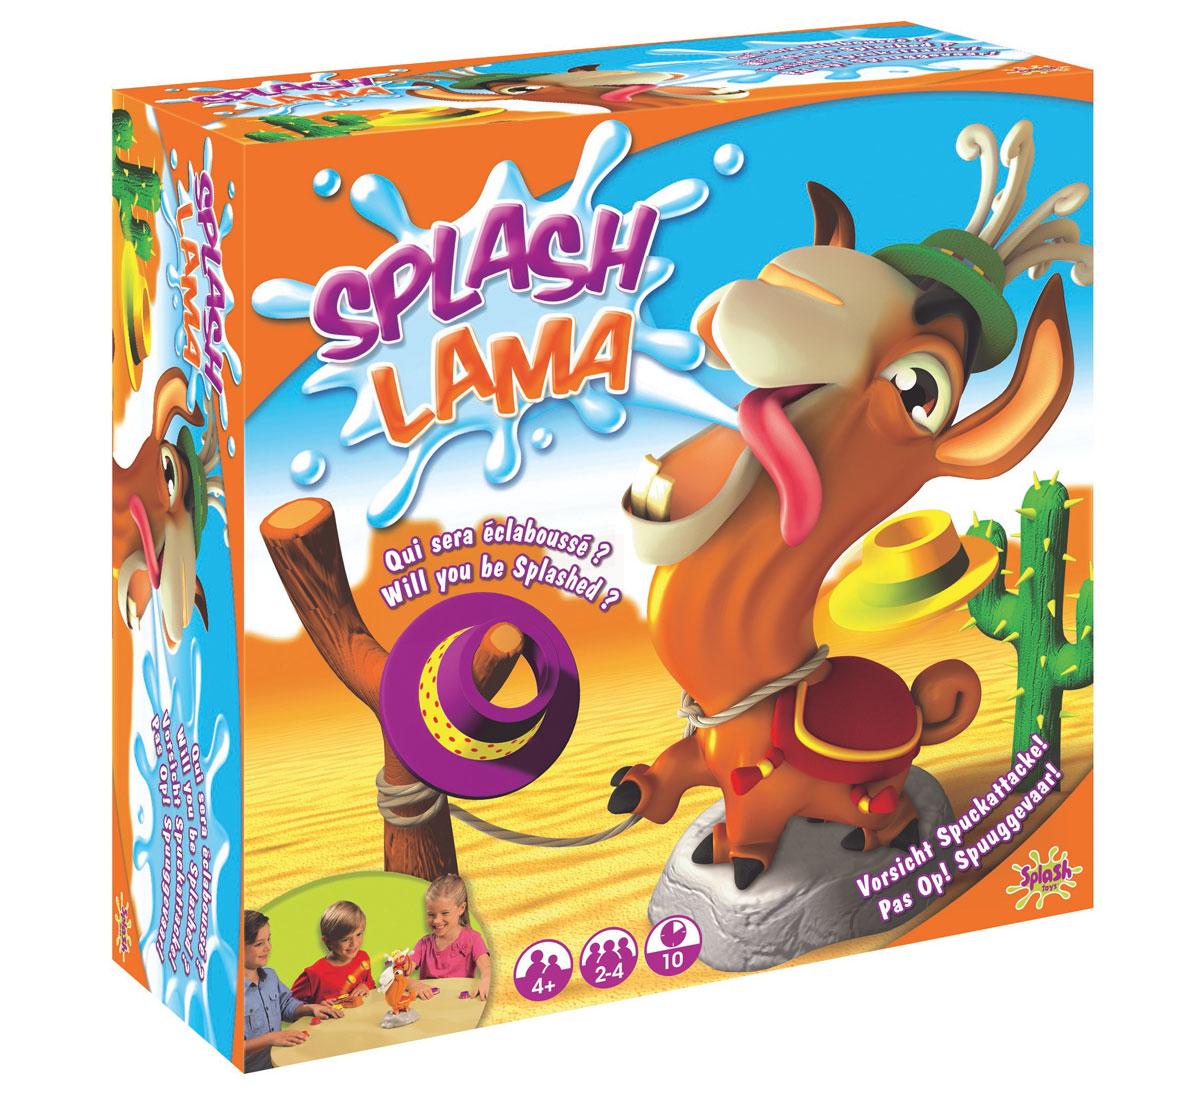 Splash Toys Настольная игра Хитрая Лама30107RUSНастольная игра Хитрая Лама - это не только очень забавная и веселая игрушка для активных детей, но и испытание на меткость и изворотливость. Хитрая Лама - известная модница и очень любит наряжаться. Игра заключается в том, чтобы нарядить ламу и накидать ей шляп. Шляпы должны попасть на специальные крючки на голове у ламы. А это не так просто: лама все время крутится. Берегитесь: если попасть ламе в нос или в ухо, она может плюнуть! Плюется лама водой. .